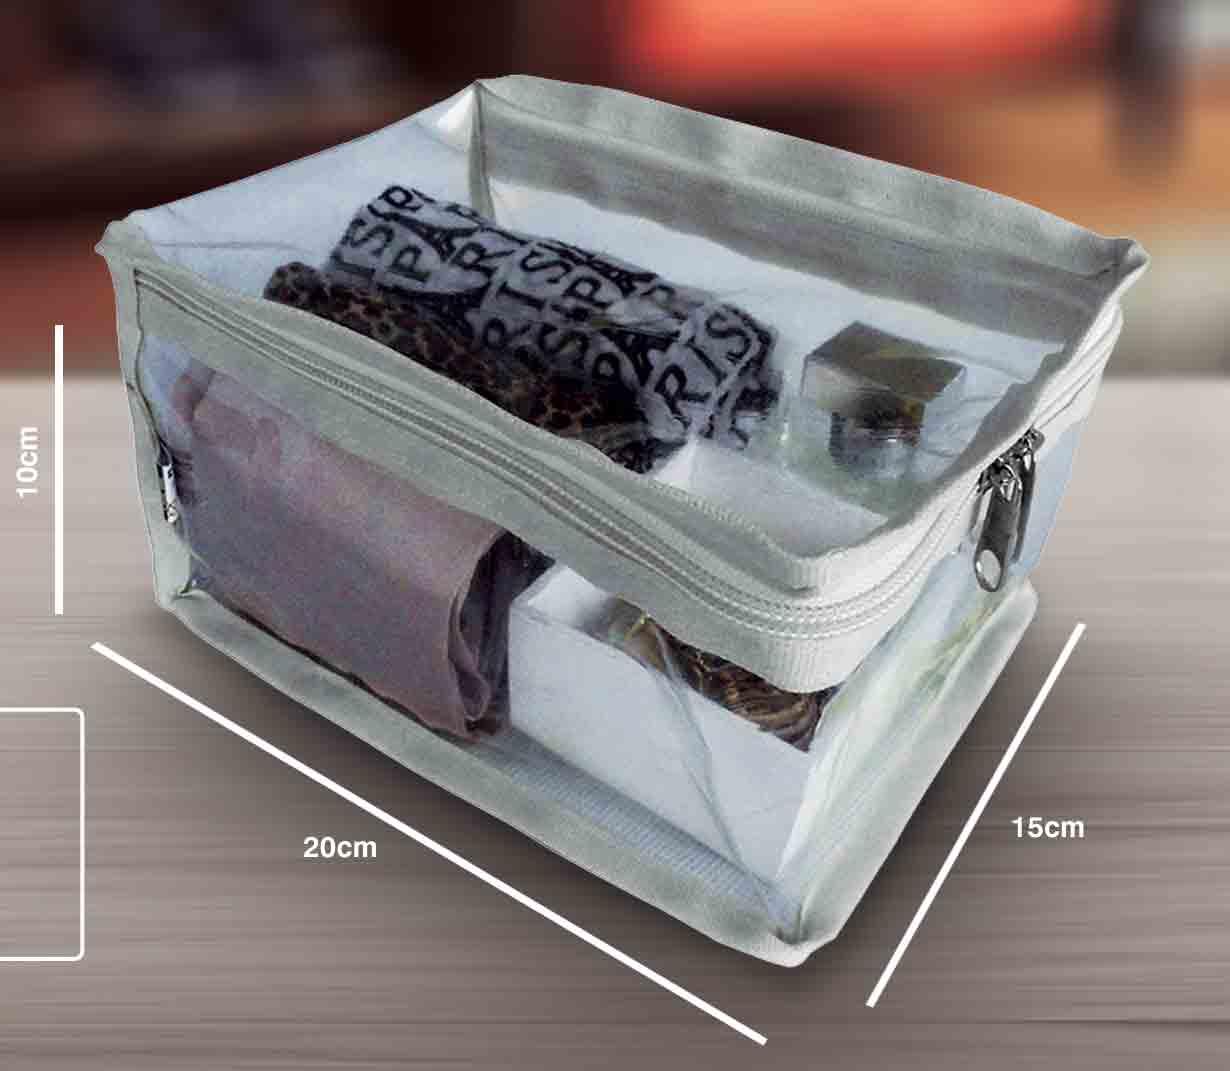 Organizador Plástico - Mala da Mala 1 - 15X20X10CM Branco